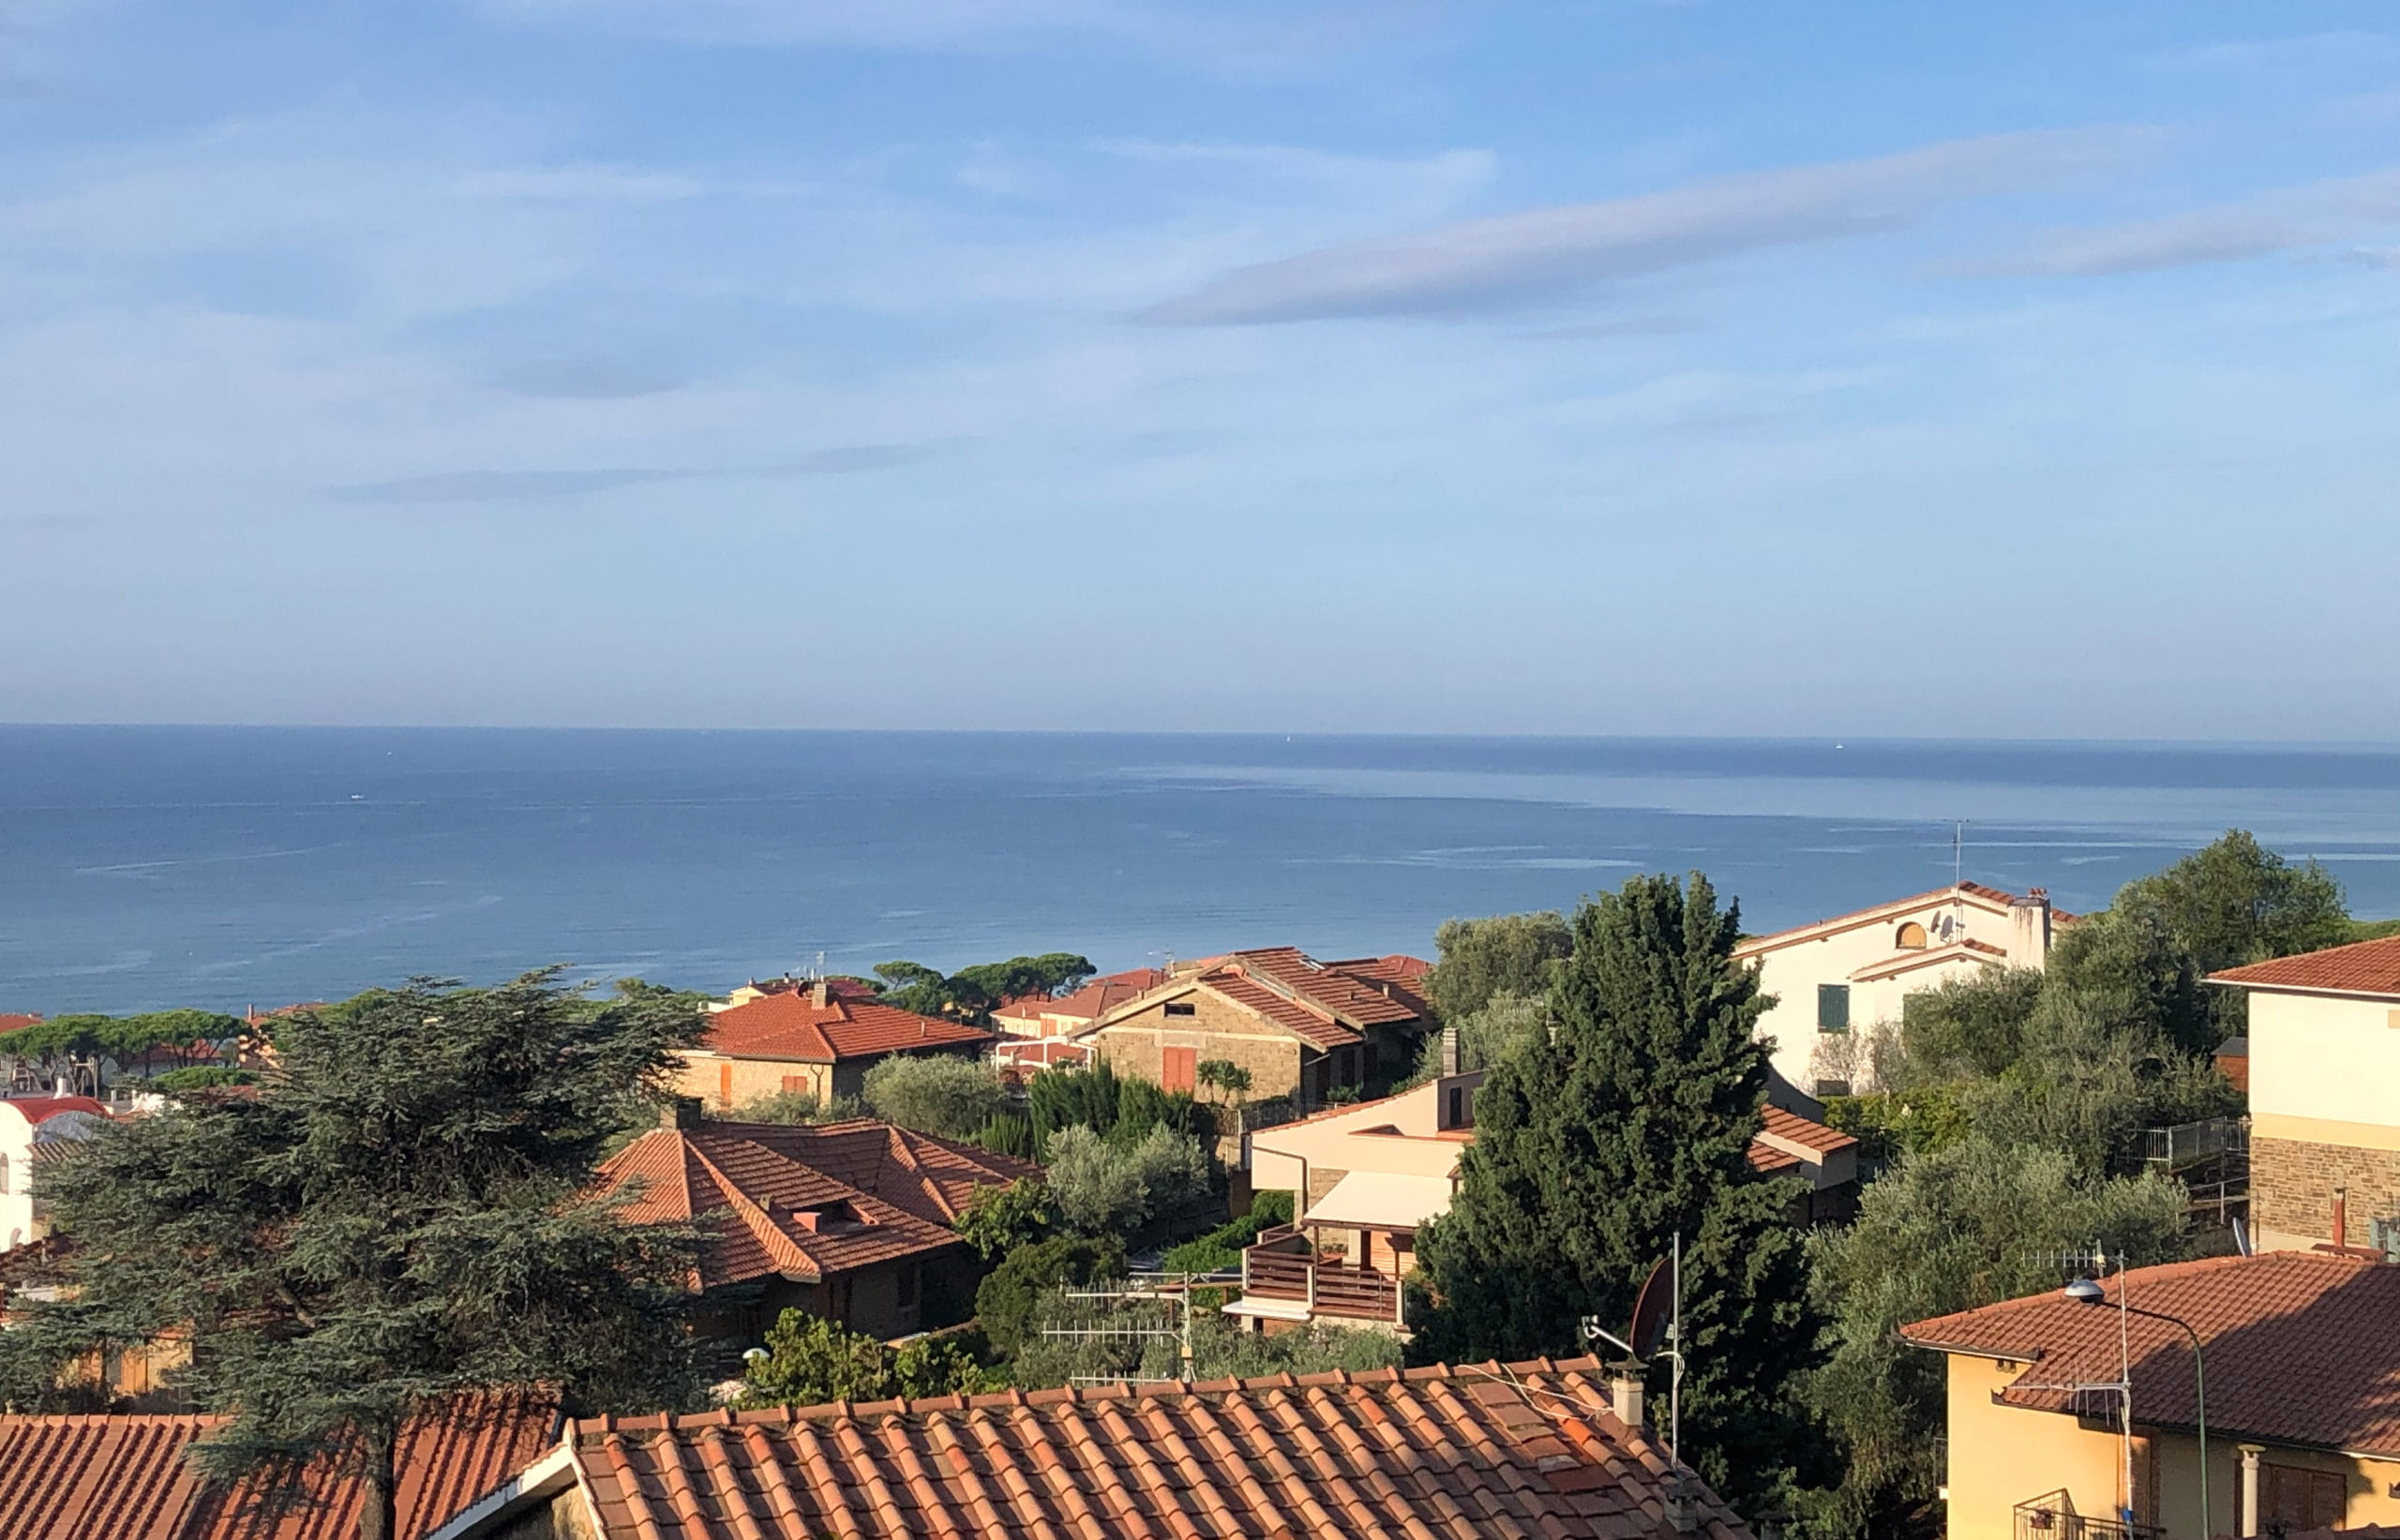 Ferienwohnung mit Meerblick Castiglione